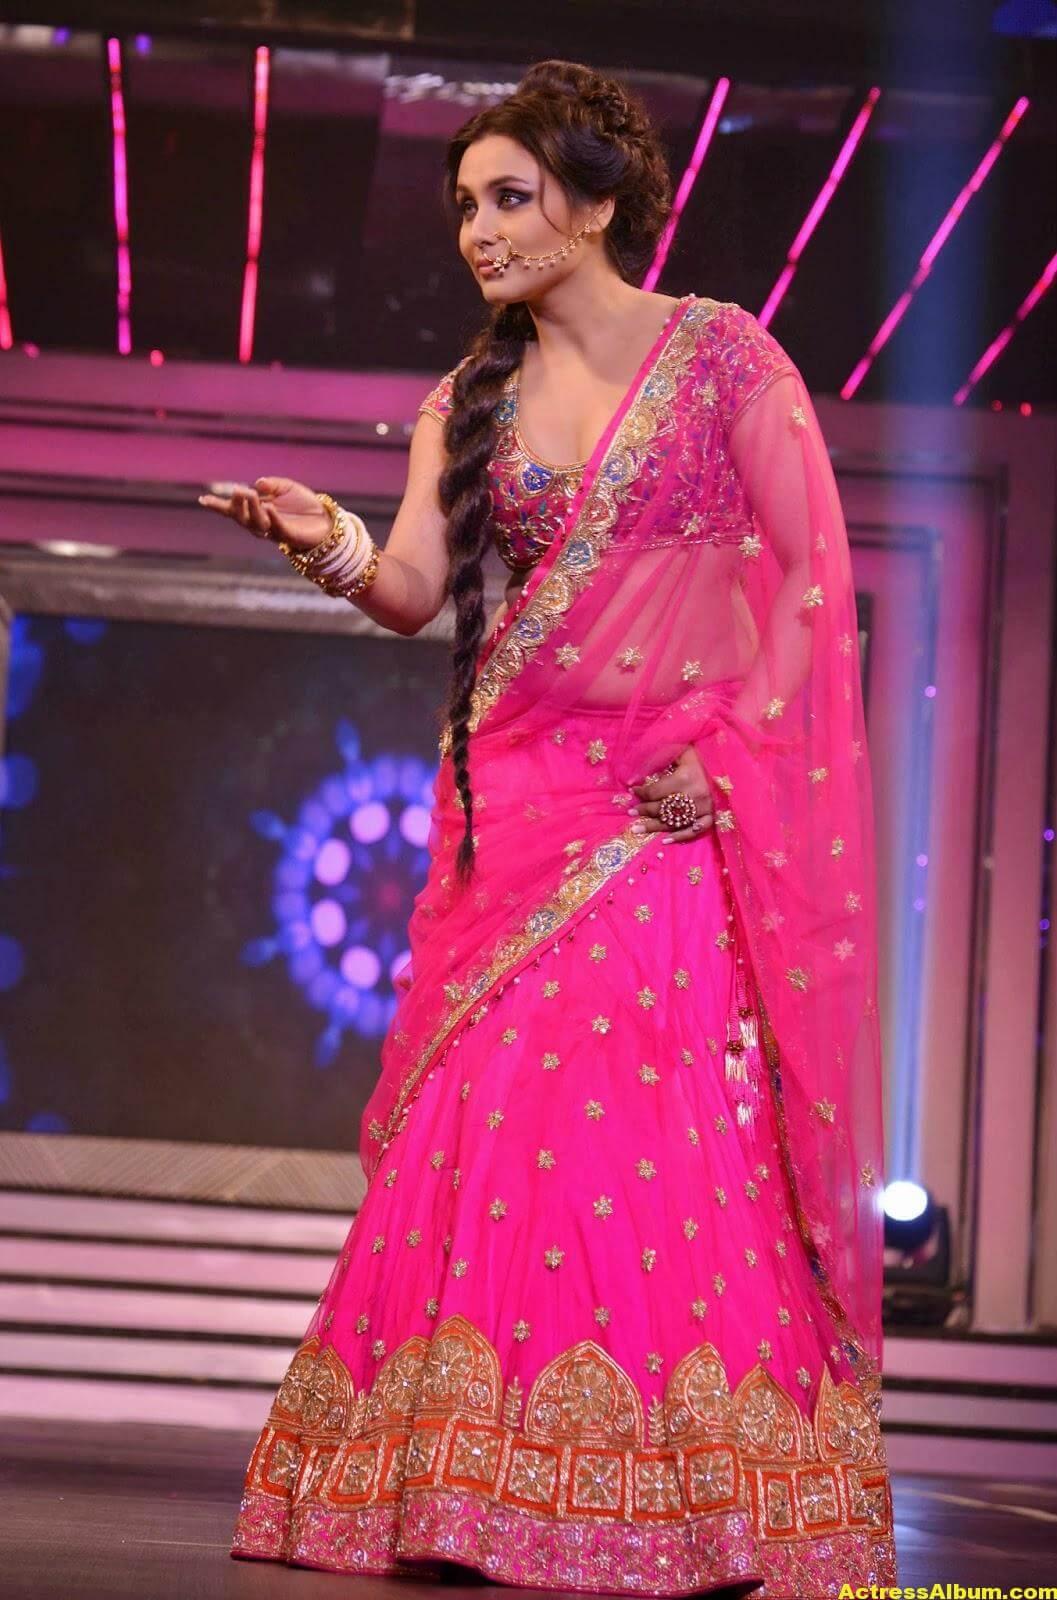 Rani Mukerji Latest Hot Photos In Pink Half Saree 2